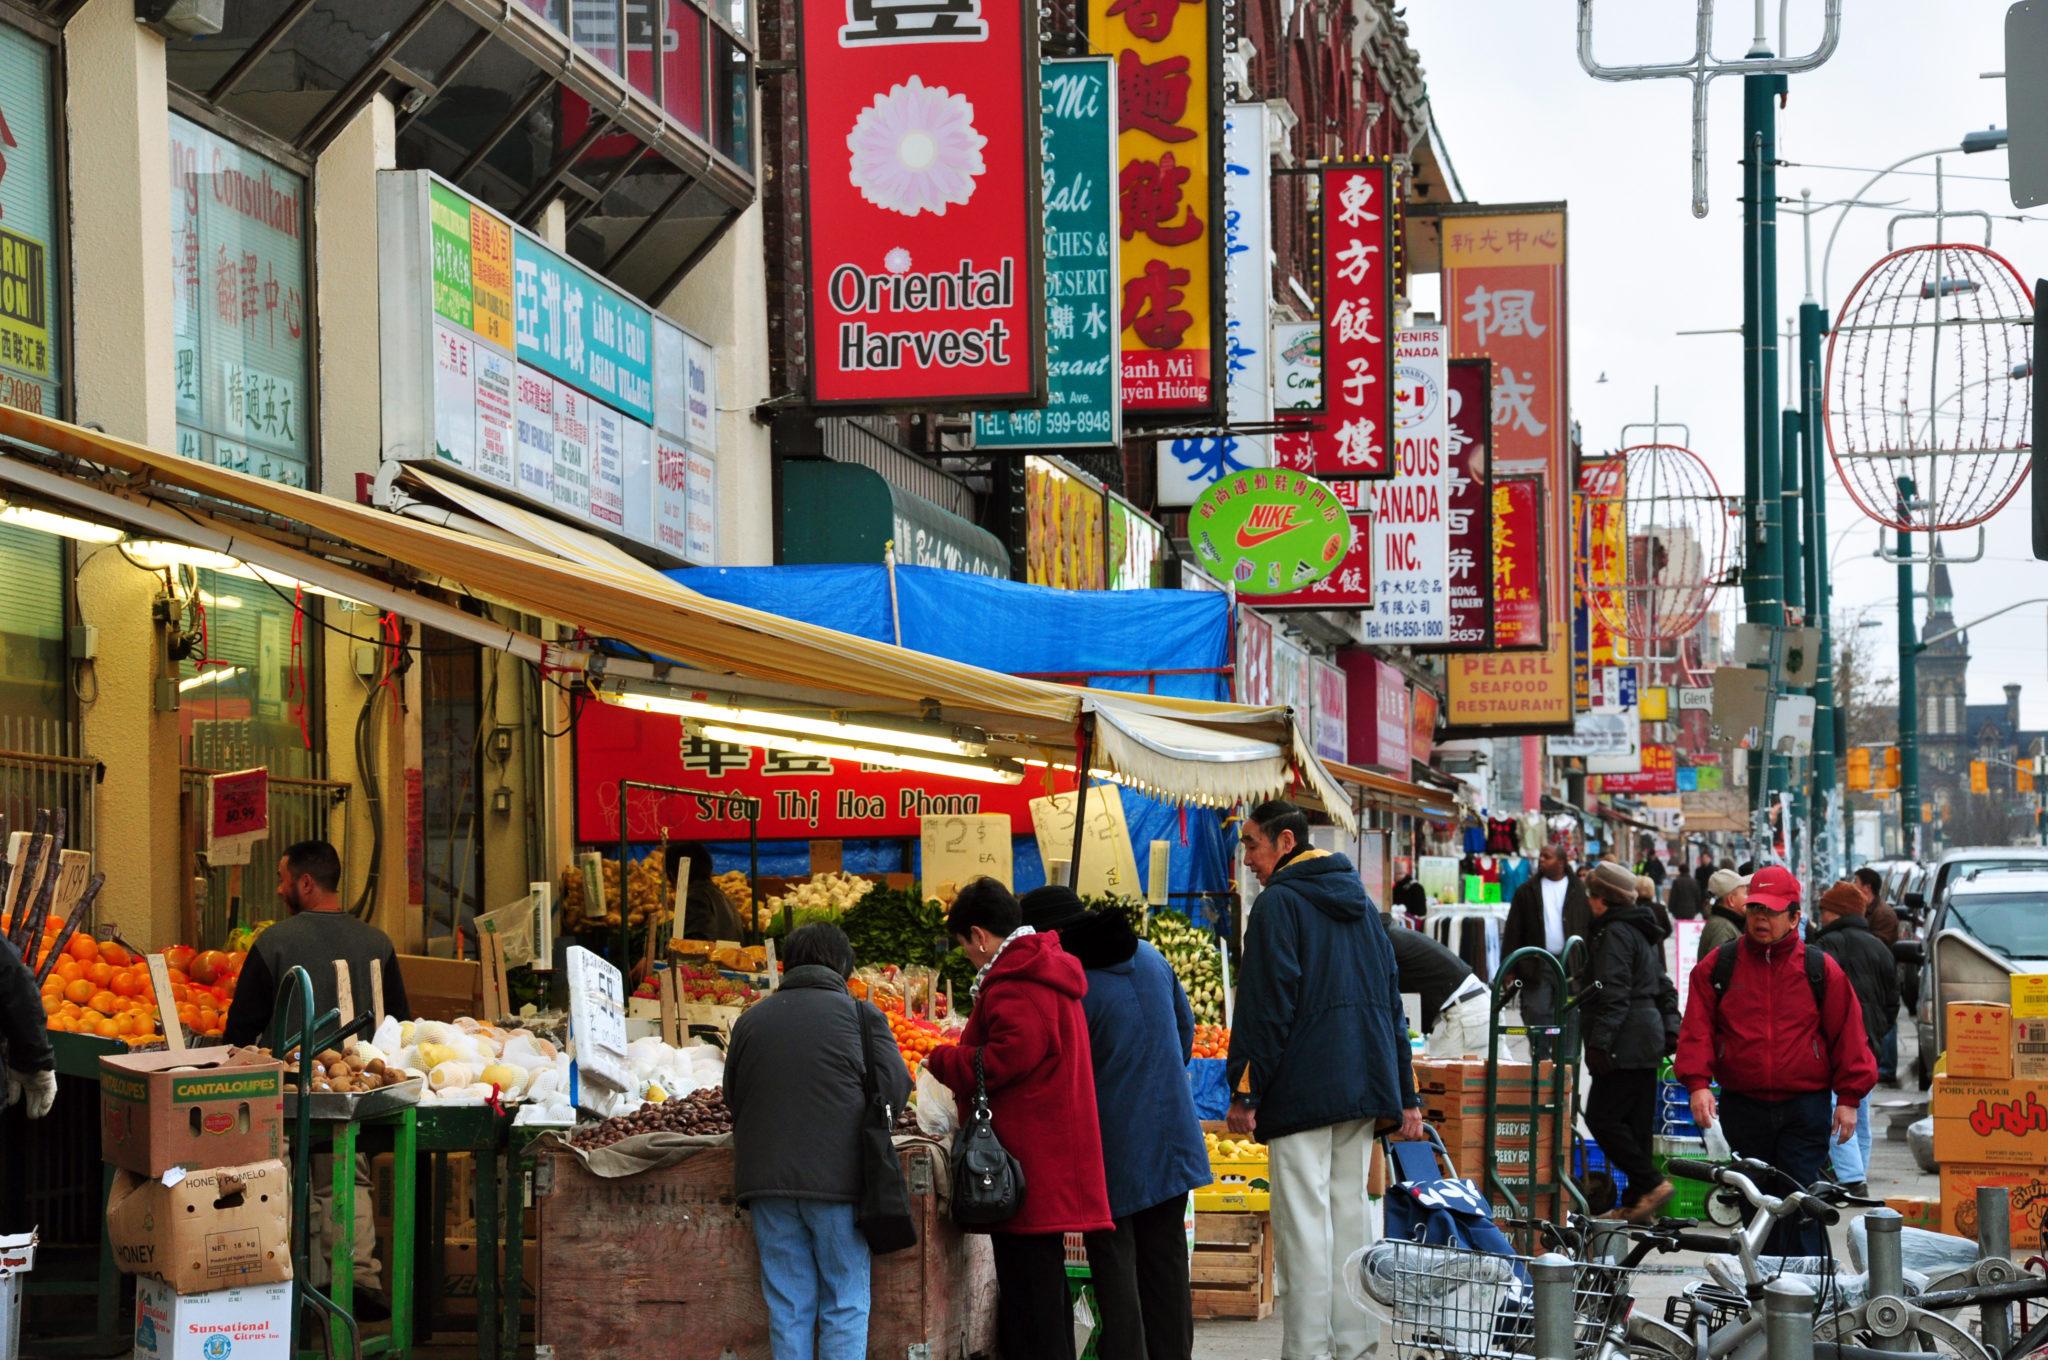 View of Toronto's Chinatown